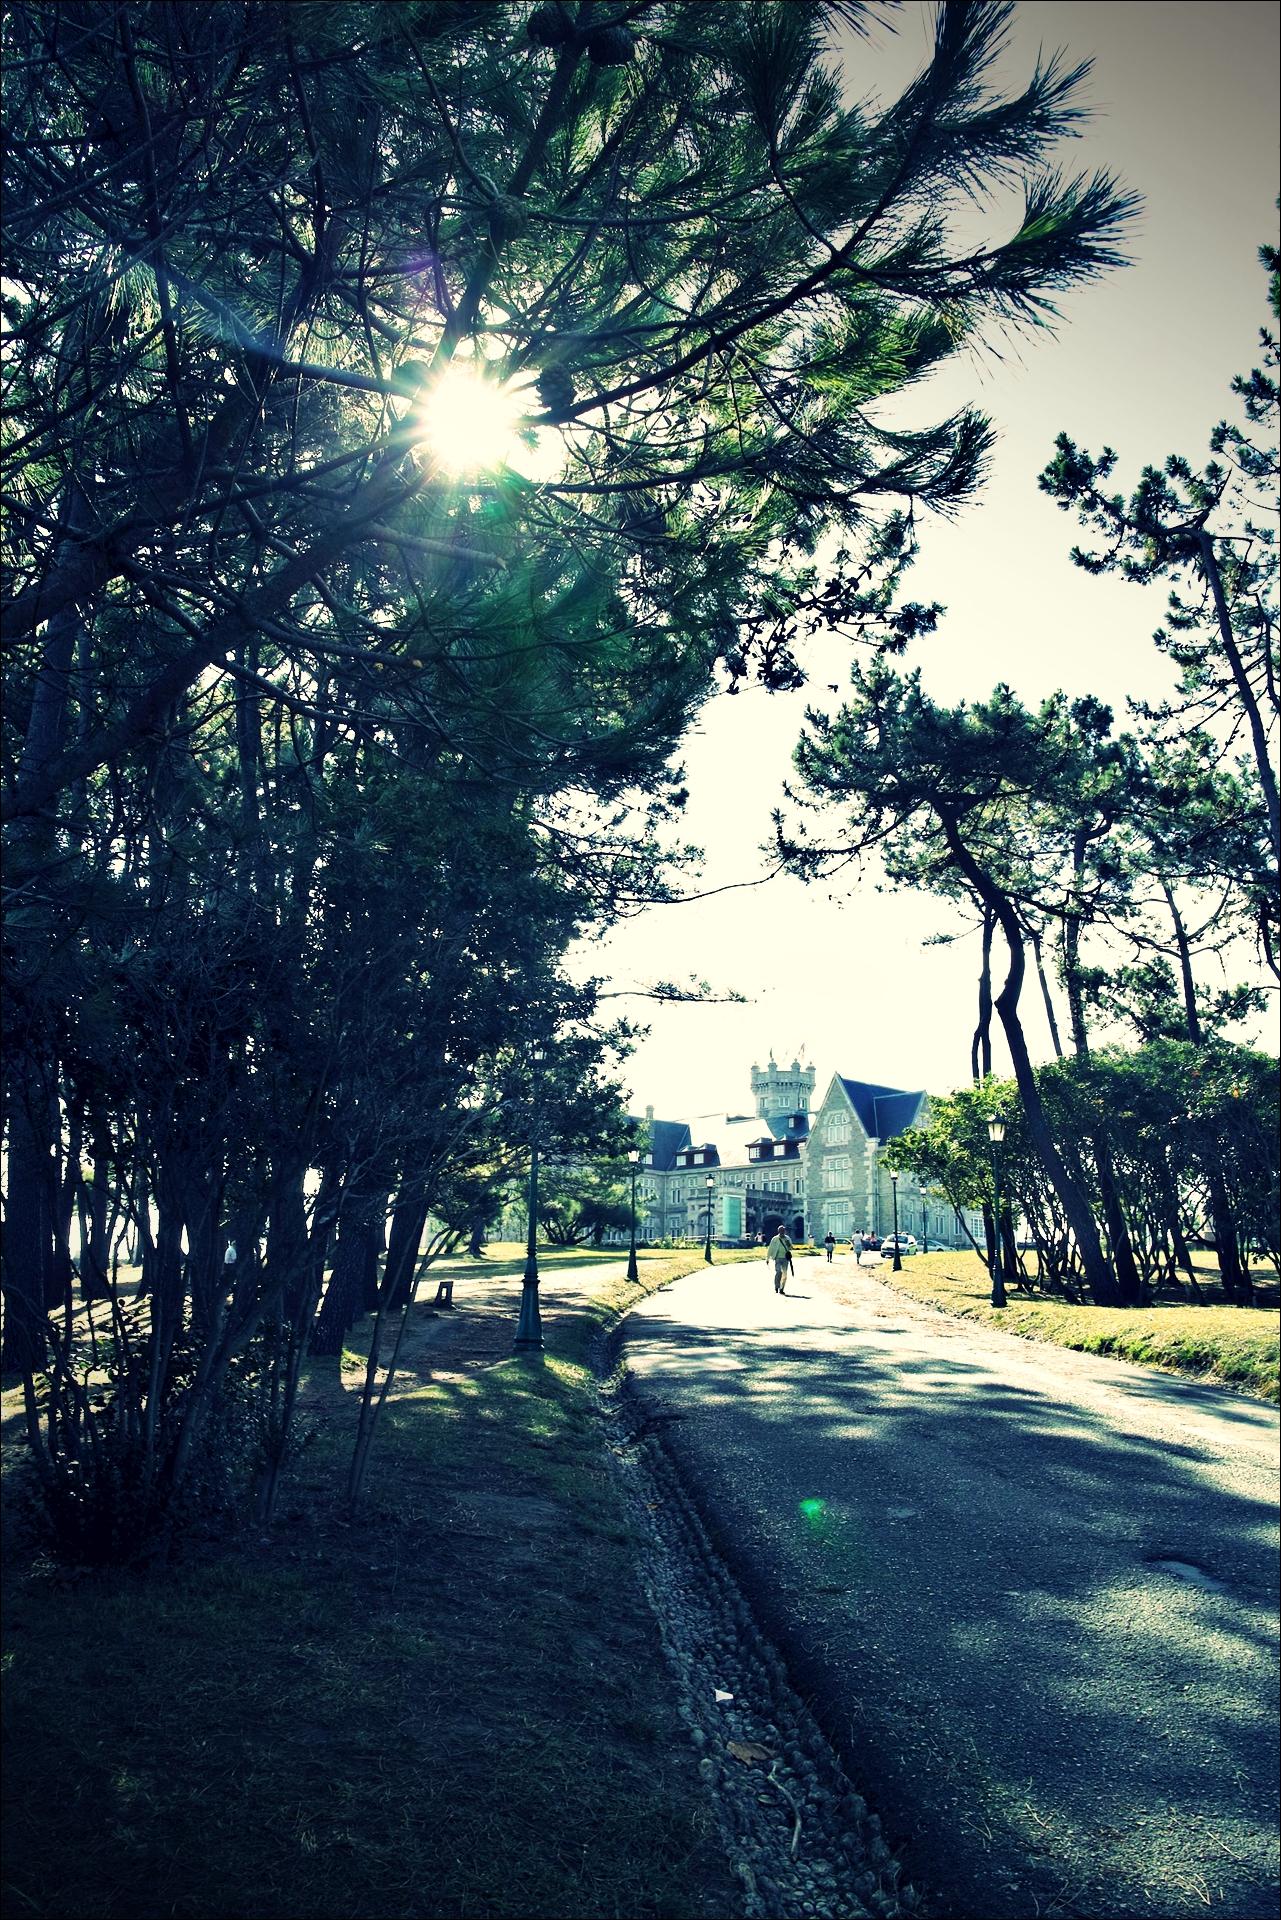 막달레나 궁전 가는 길-'산탄데르 둘러보기(Sightseeing Santander)'